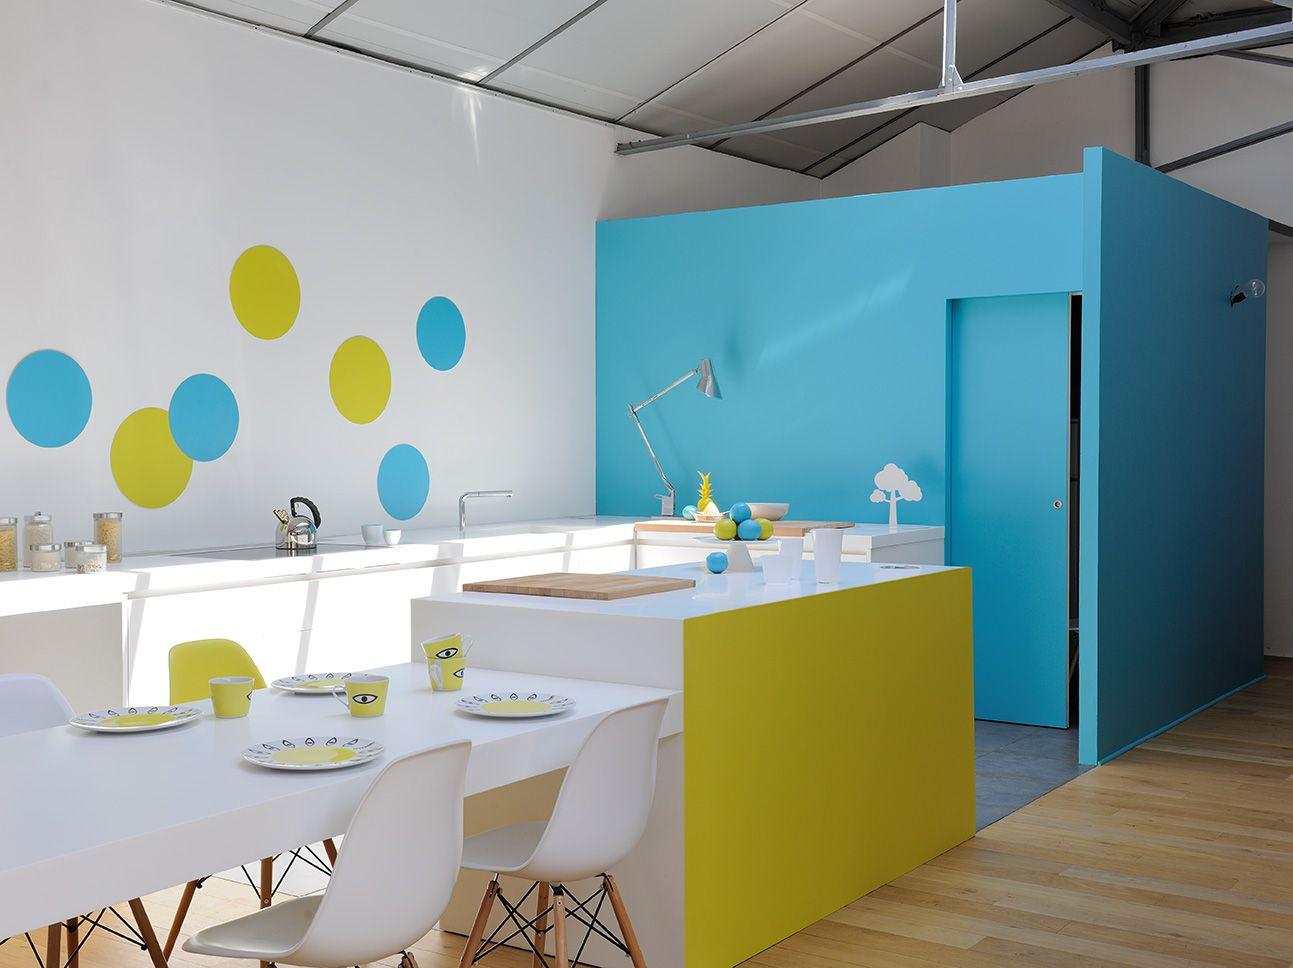 Une Cuisine Vivante Et Acidulee Zolpan Peinture Bleu Jaune Table Cuisine Plandetravail Home Decor Home Decor Decals Decor